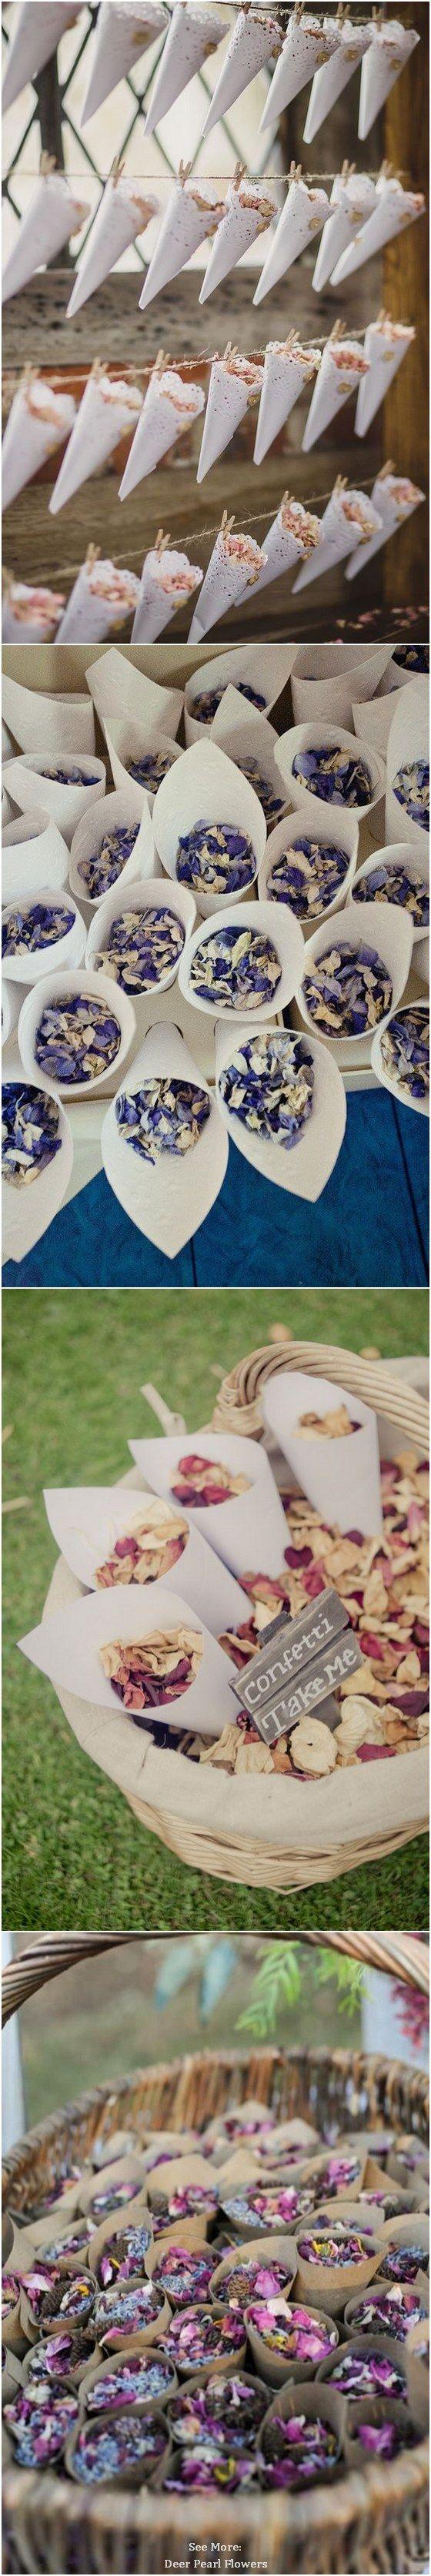 Alternativ zu Papierschnipseln eignen sich auch getrocknete Blumen als Konfetti, passend zu dem Farbkonzept Eurer Hochzeit.